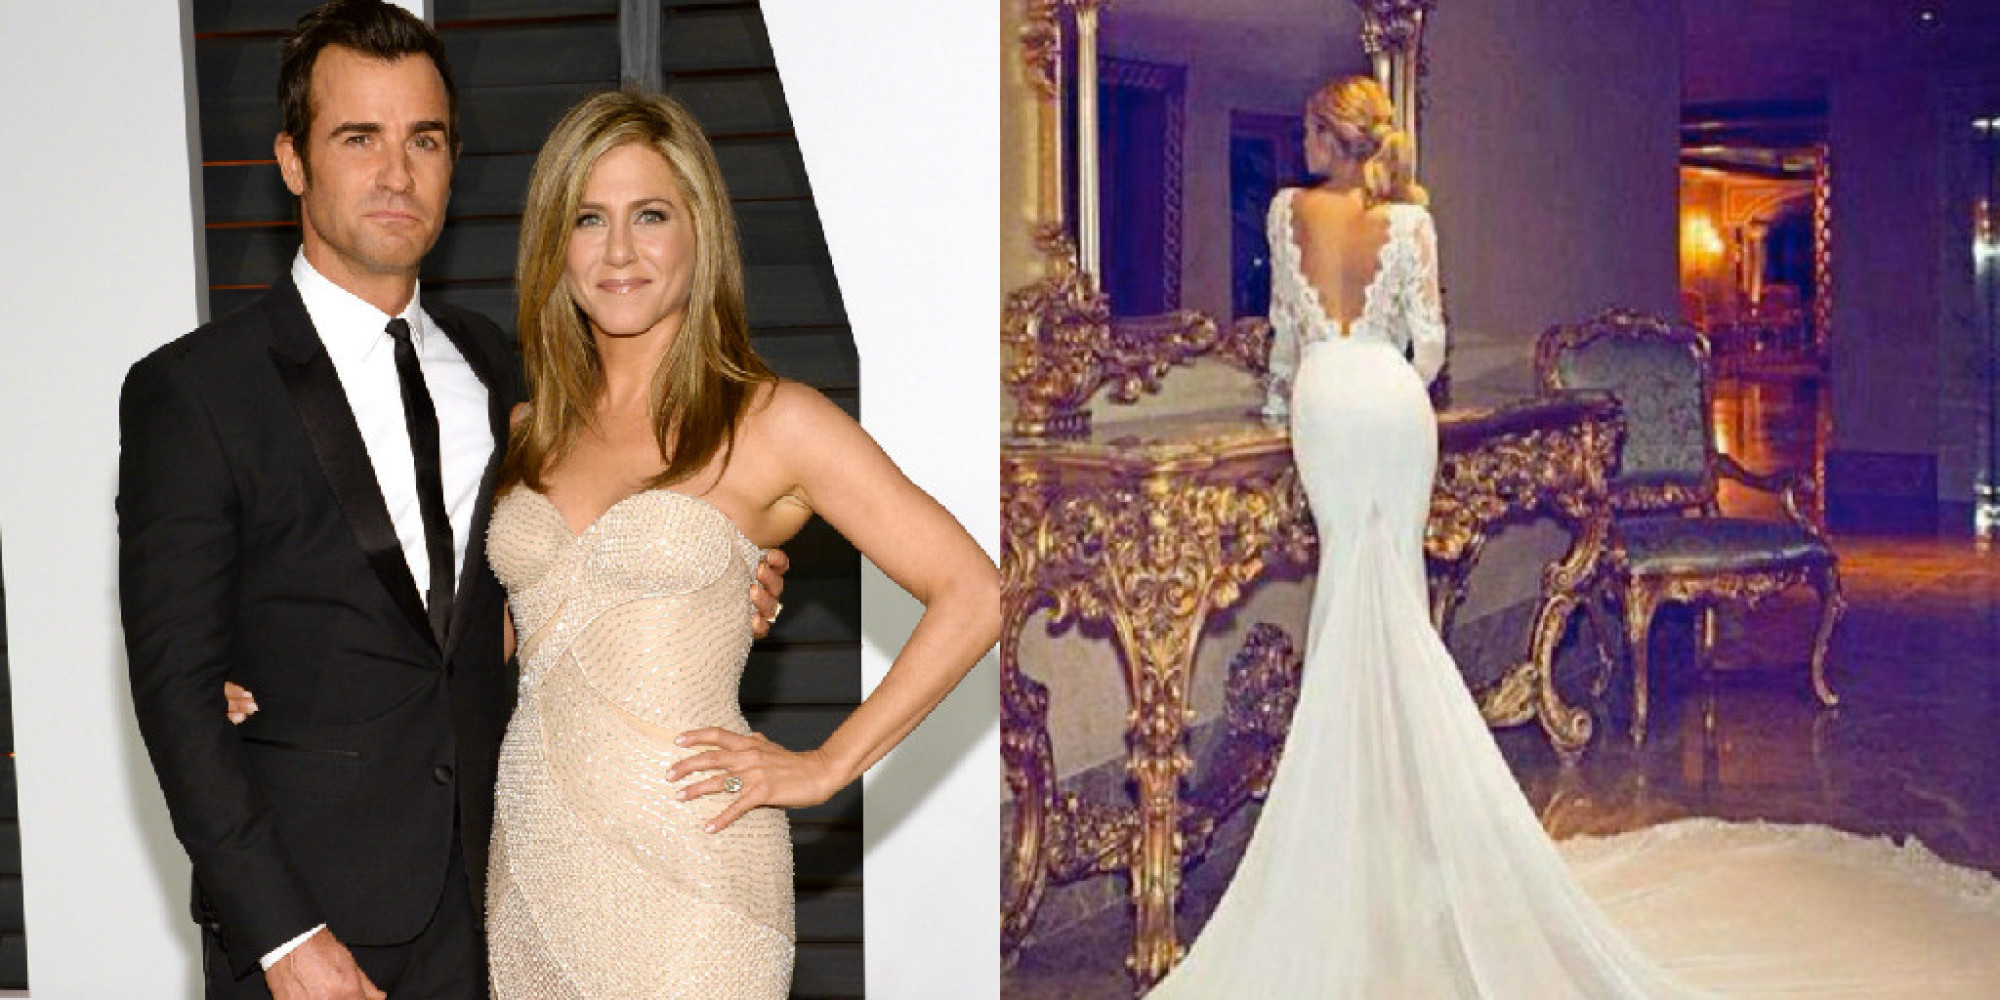 Jennifer Aniston Wedding Dress Photo Revealed To Be Fake